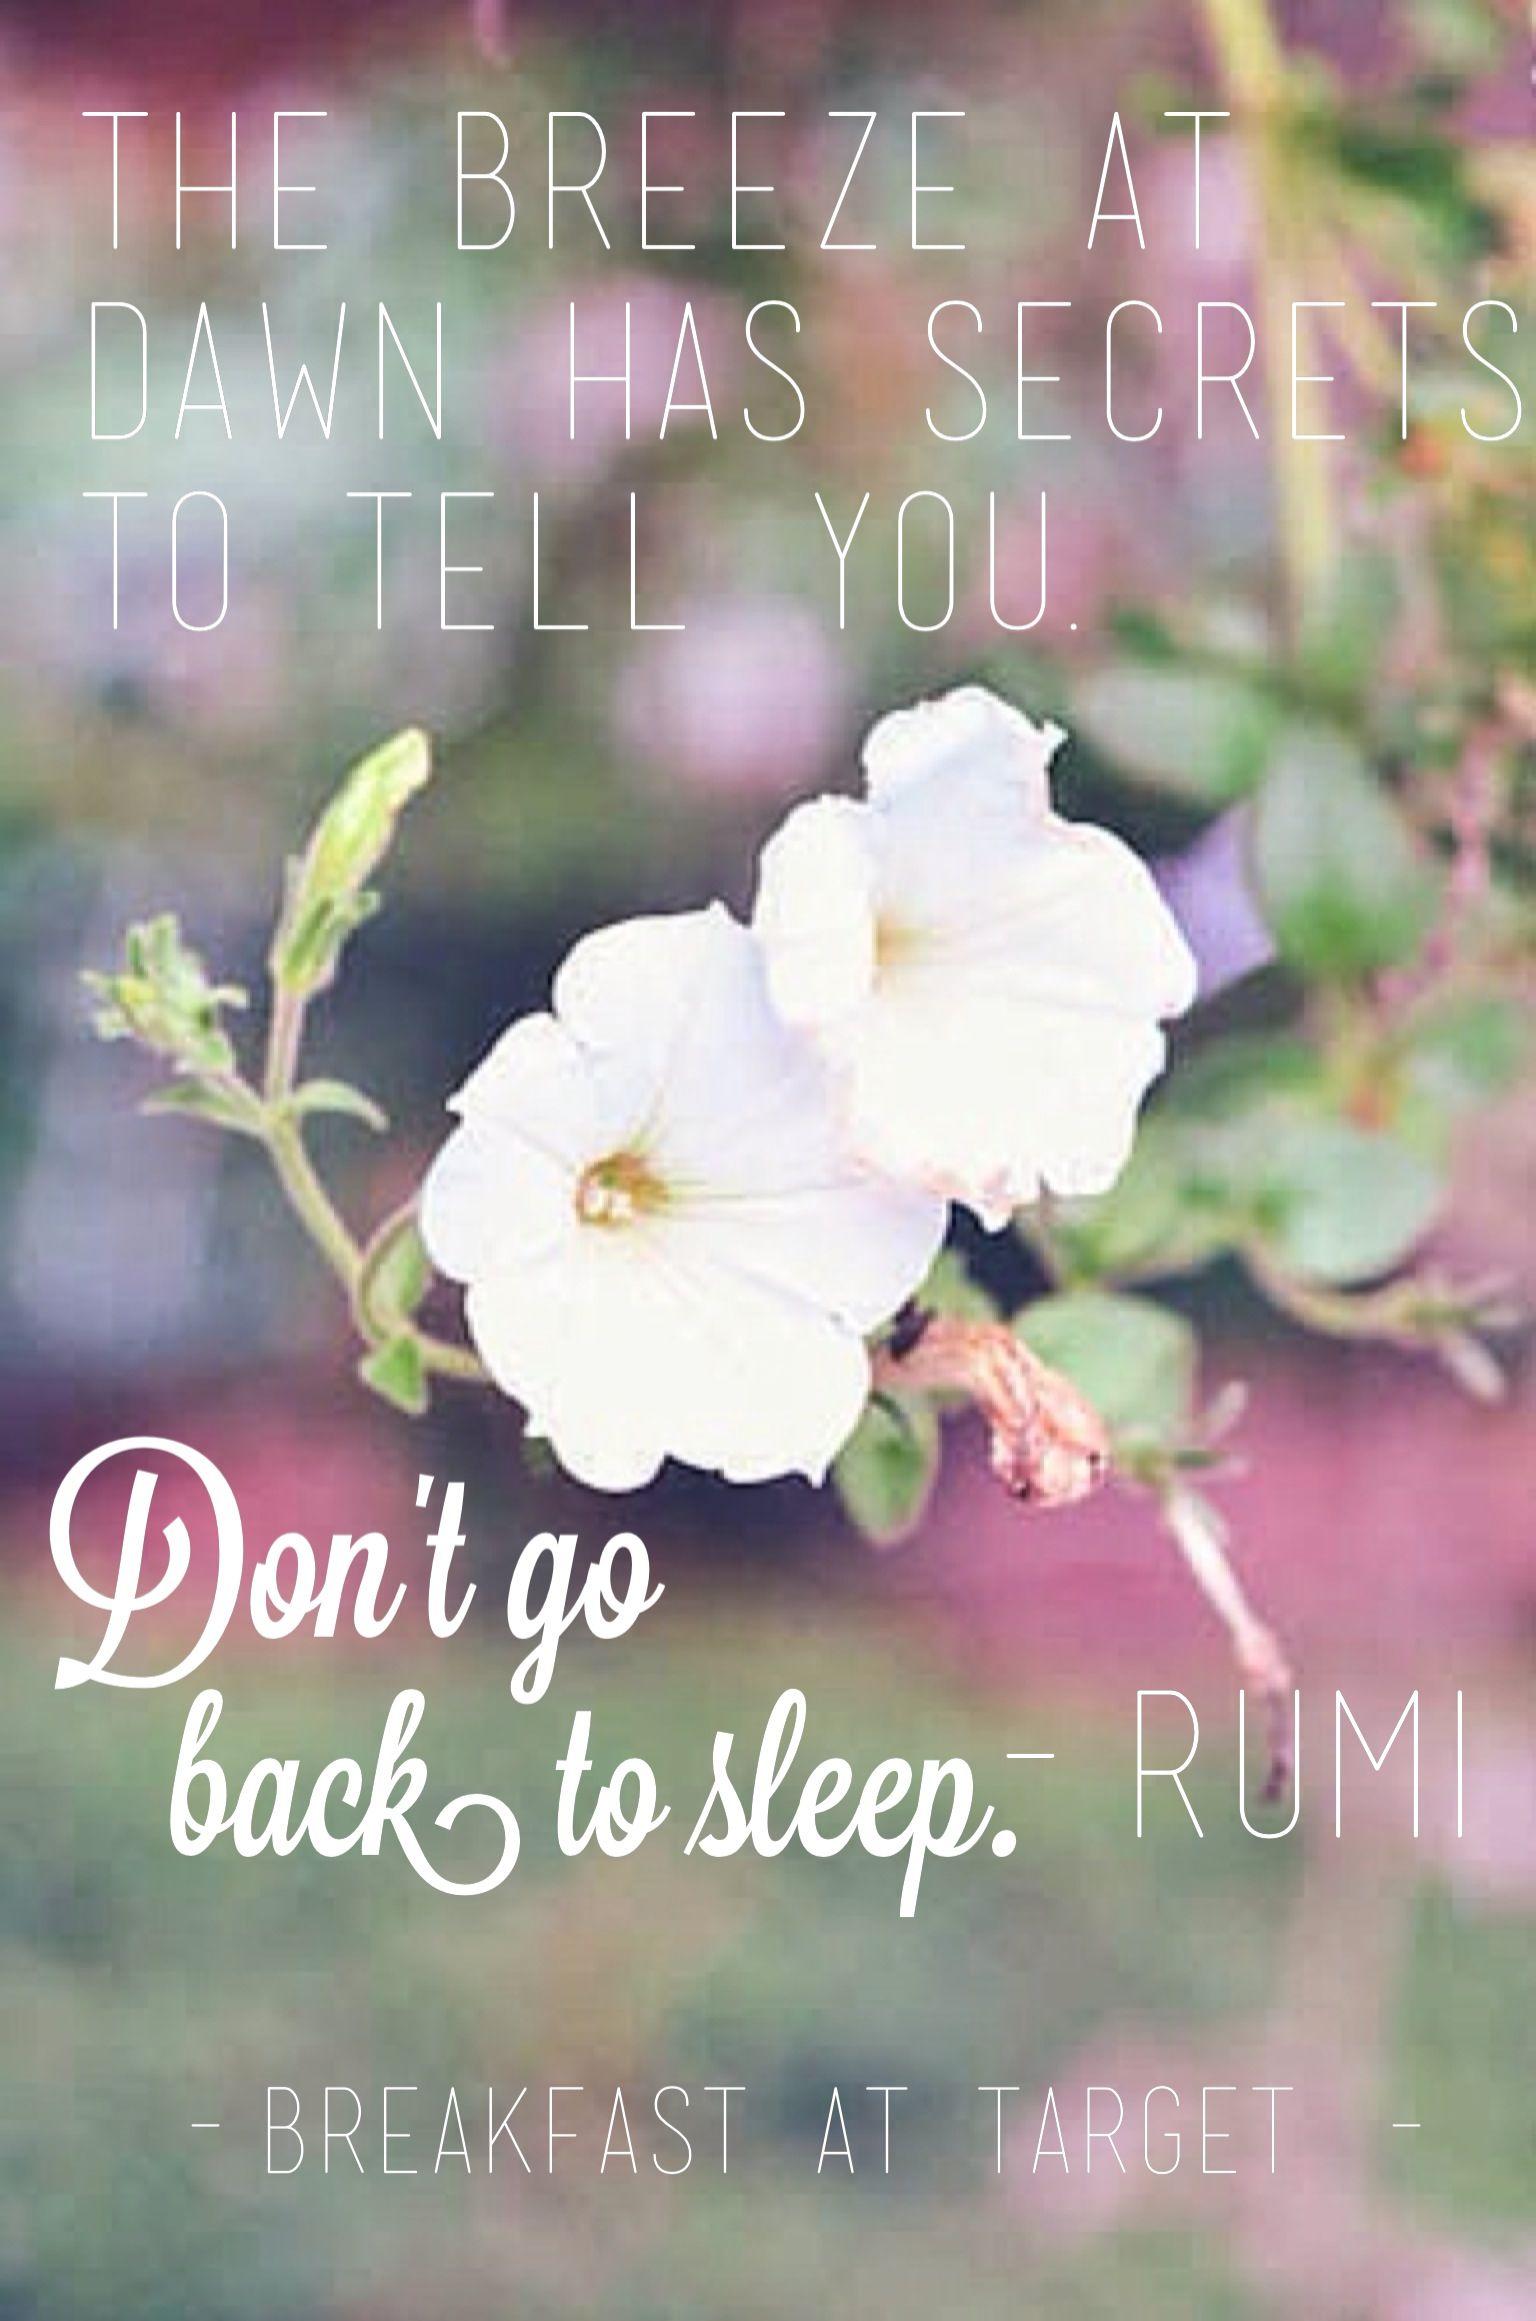 Don't go back to sleep